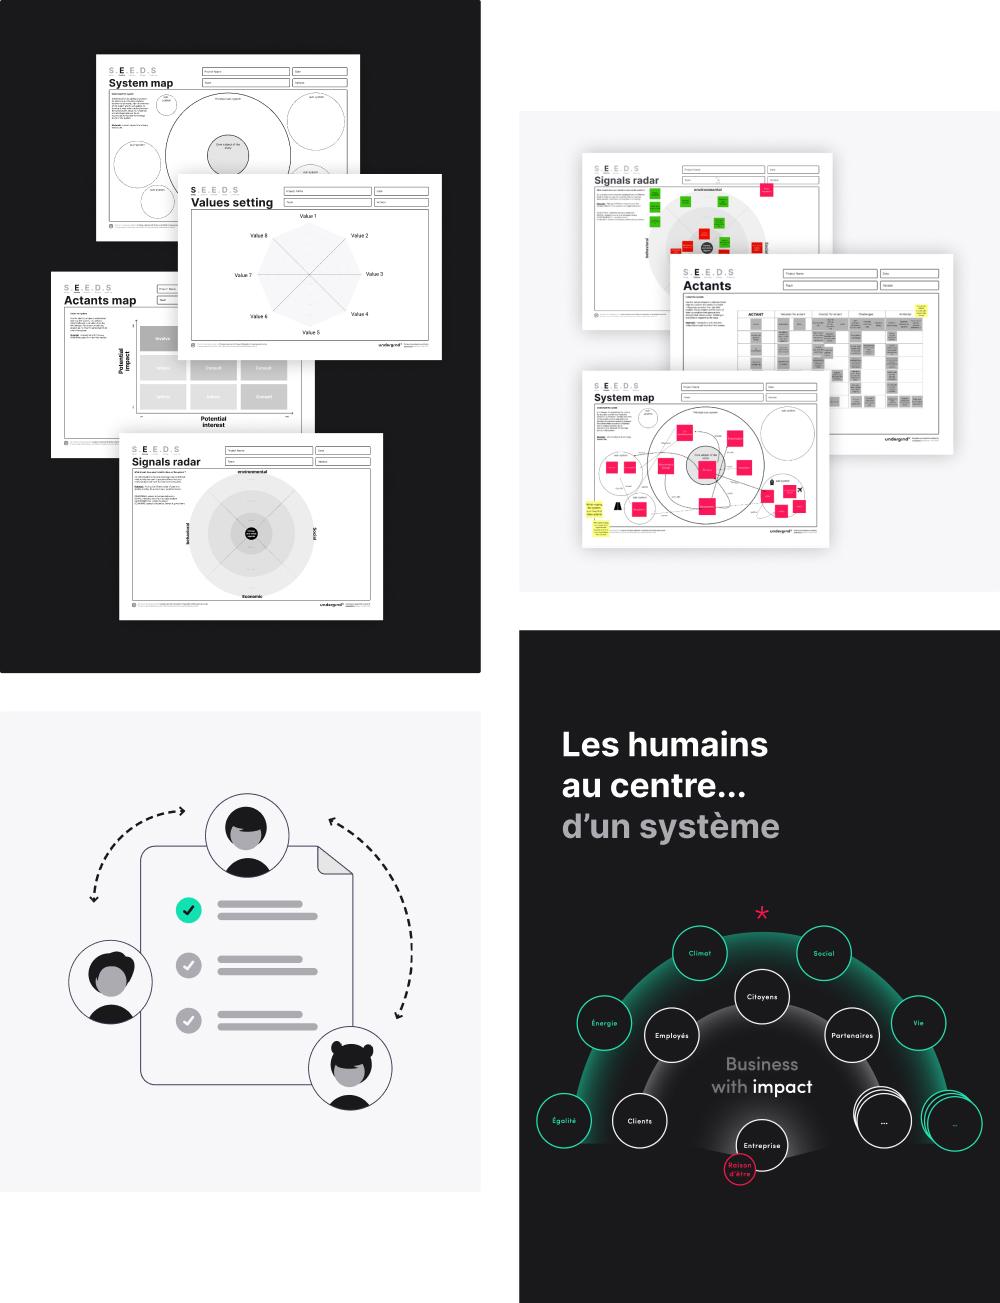 Canvas design systémique schéma human centered humain au centre impact environnemental écosystème workshop atelier